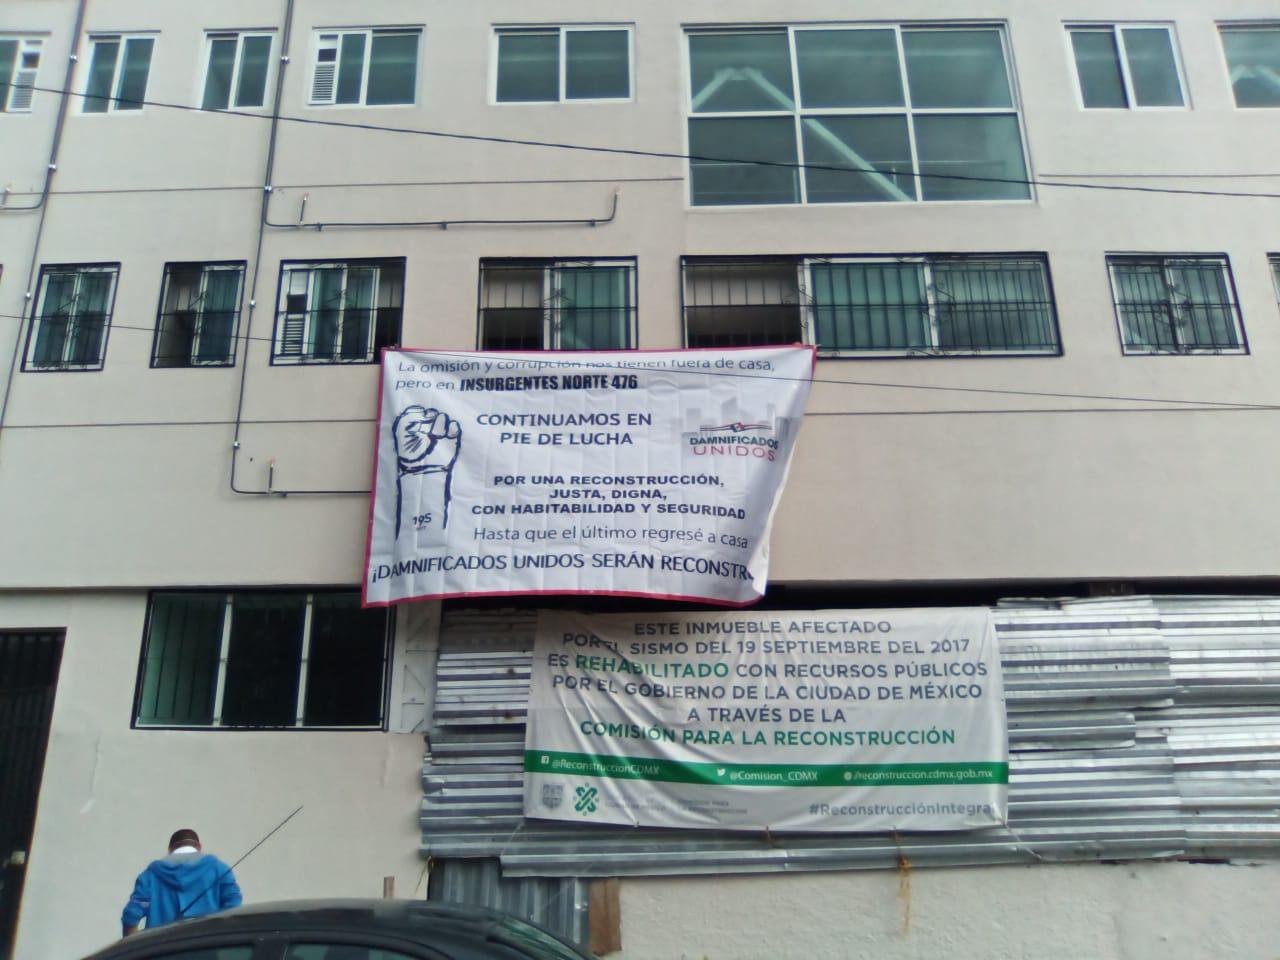 nsurgentes-norte-476-sismo-reconstruccion-rehabilitacion-19S-3-años-damnificados-unidos-01